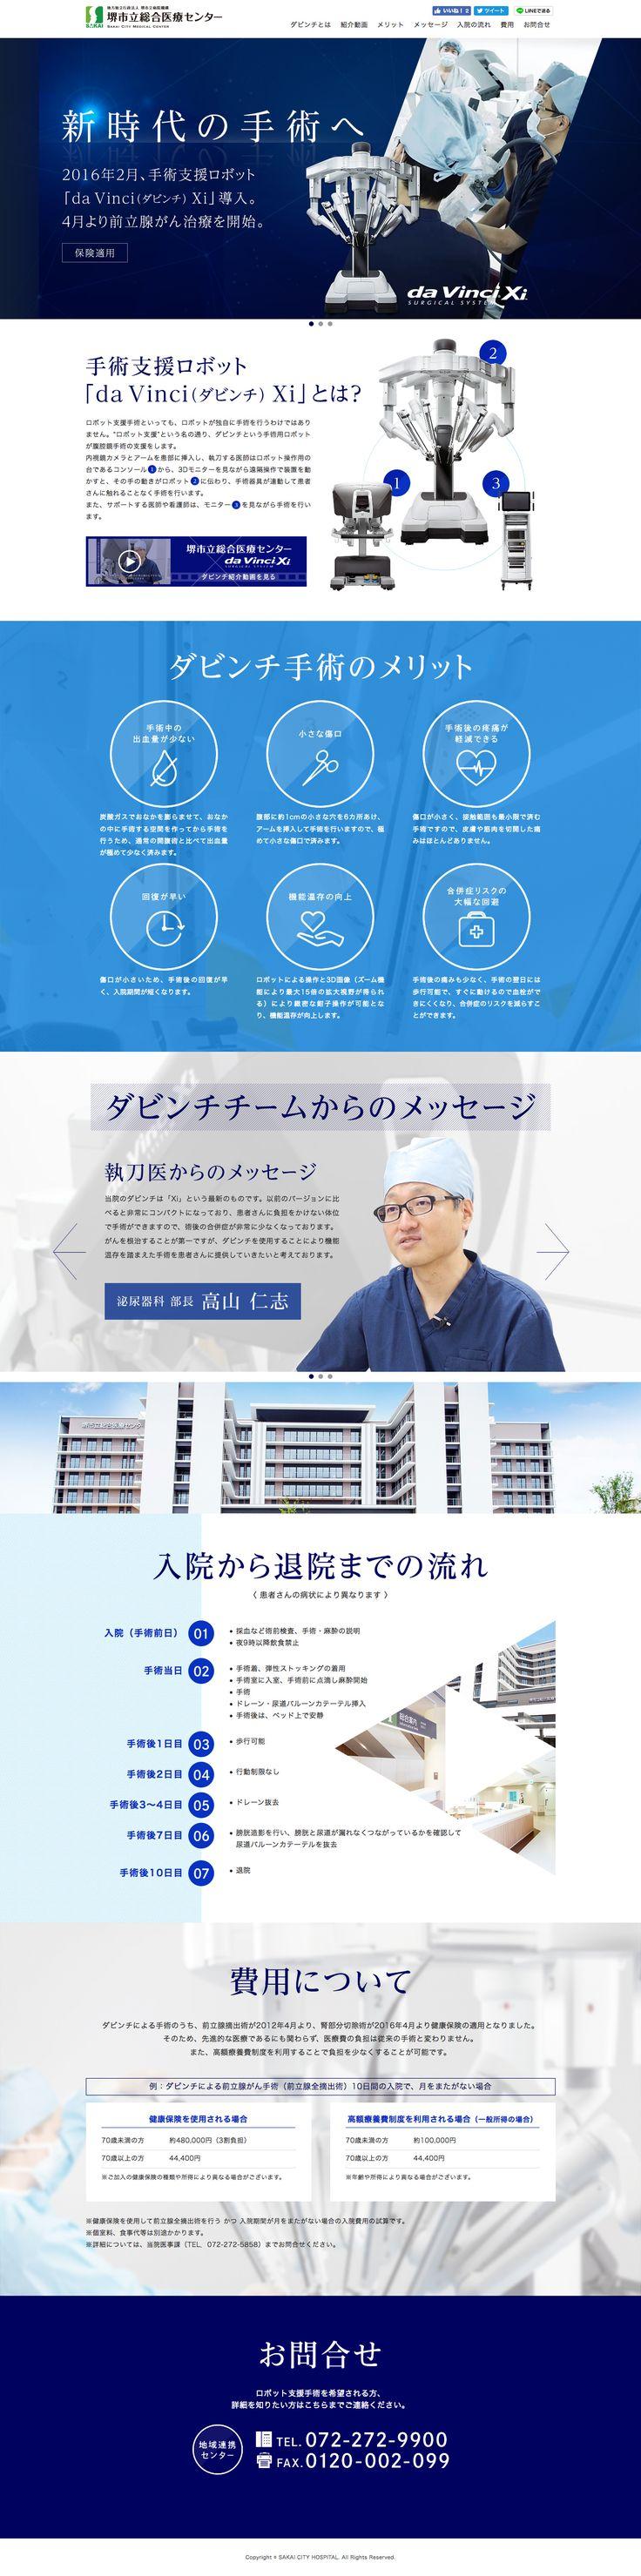 堺市立総合医療センターに導入された手術支援ロボット「da Vinci(ダビンチ) Xi」のランディングページ - 2016.2 先進医療をイメージしてかっこよくしたつもり webdesign, design, responsive, landingpage, blue, medical, sgo made